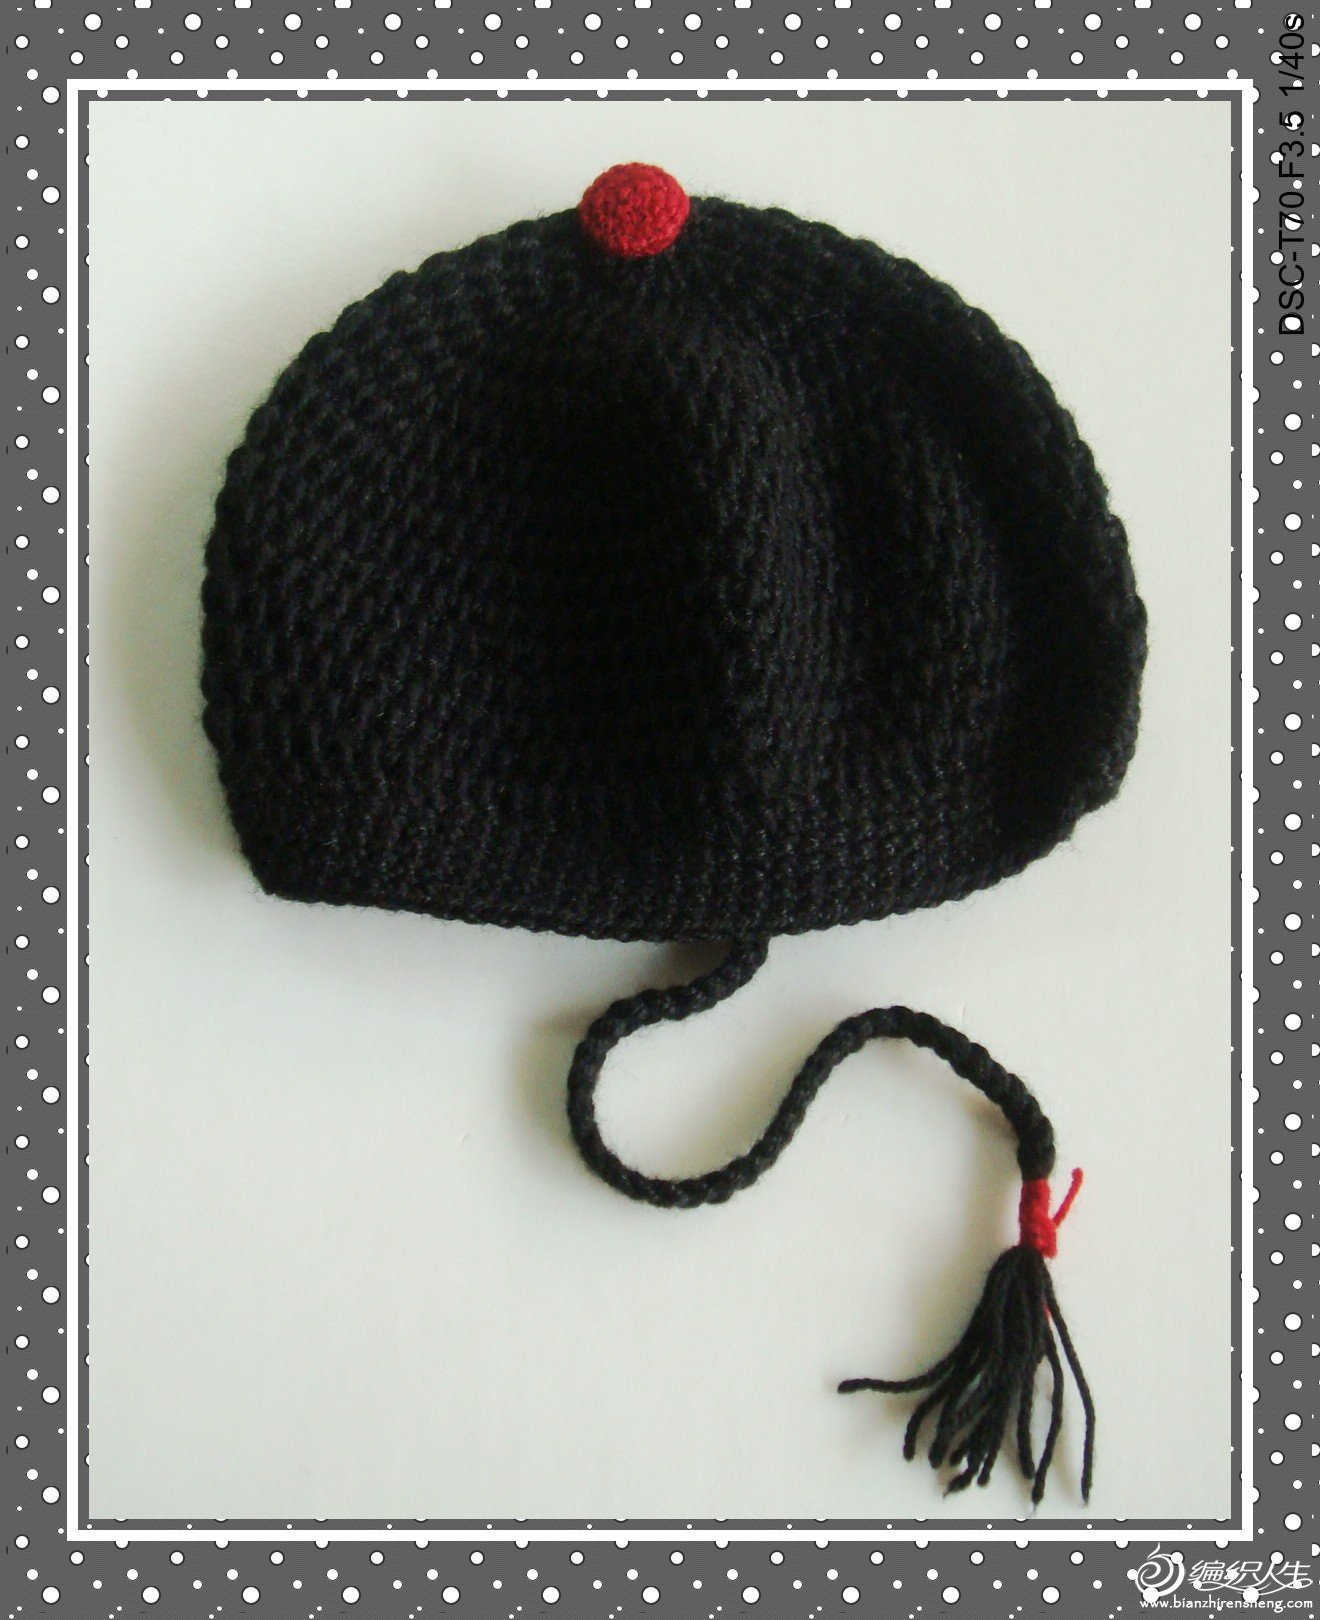 瓜皮帽.jpg